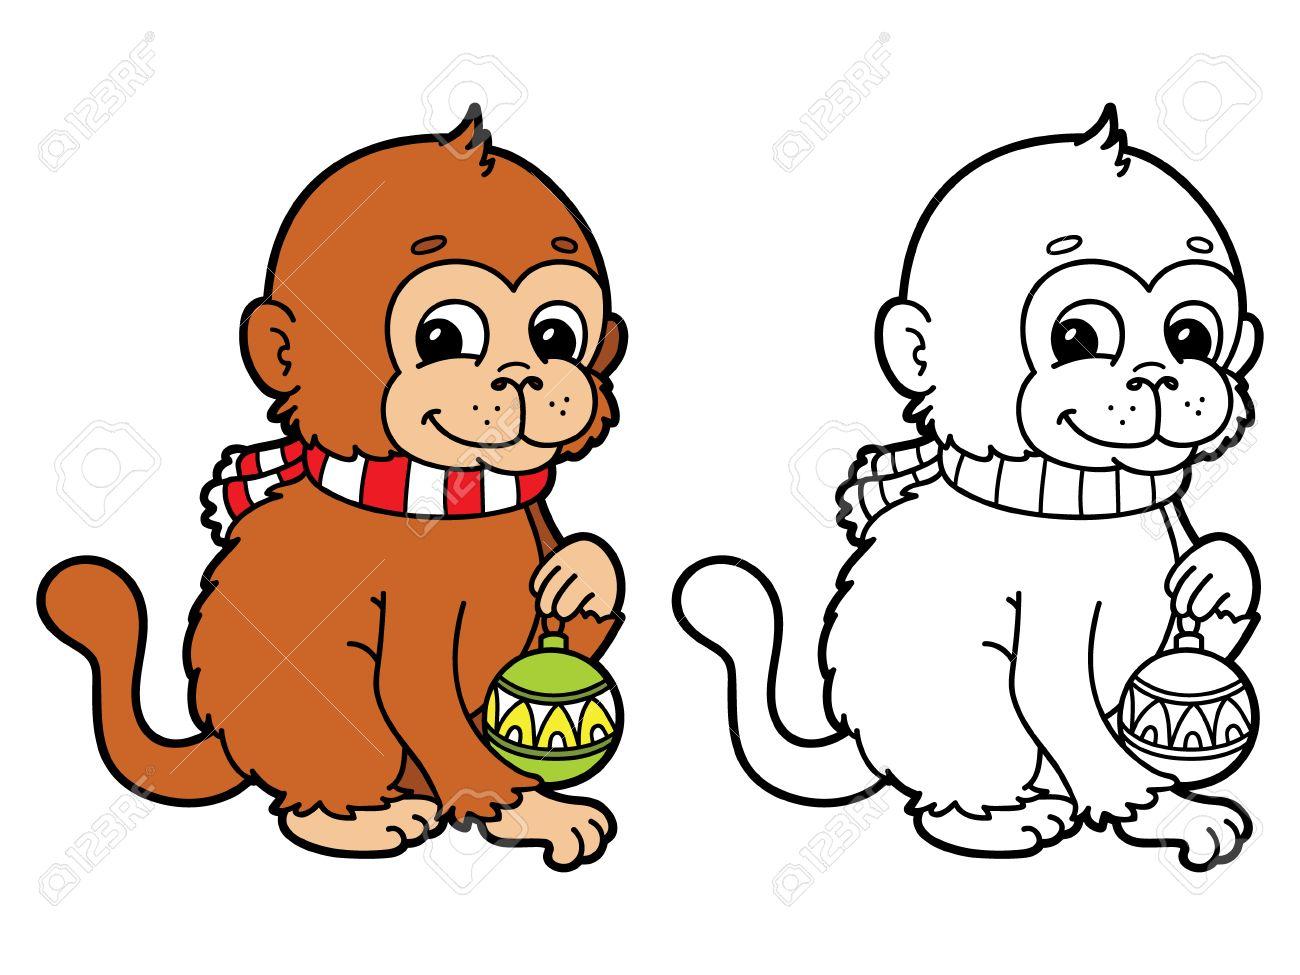 Erfreut Affen Malvorlagen Für Kinder Bilder - Malvorlagen Von Tieren ...